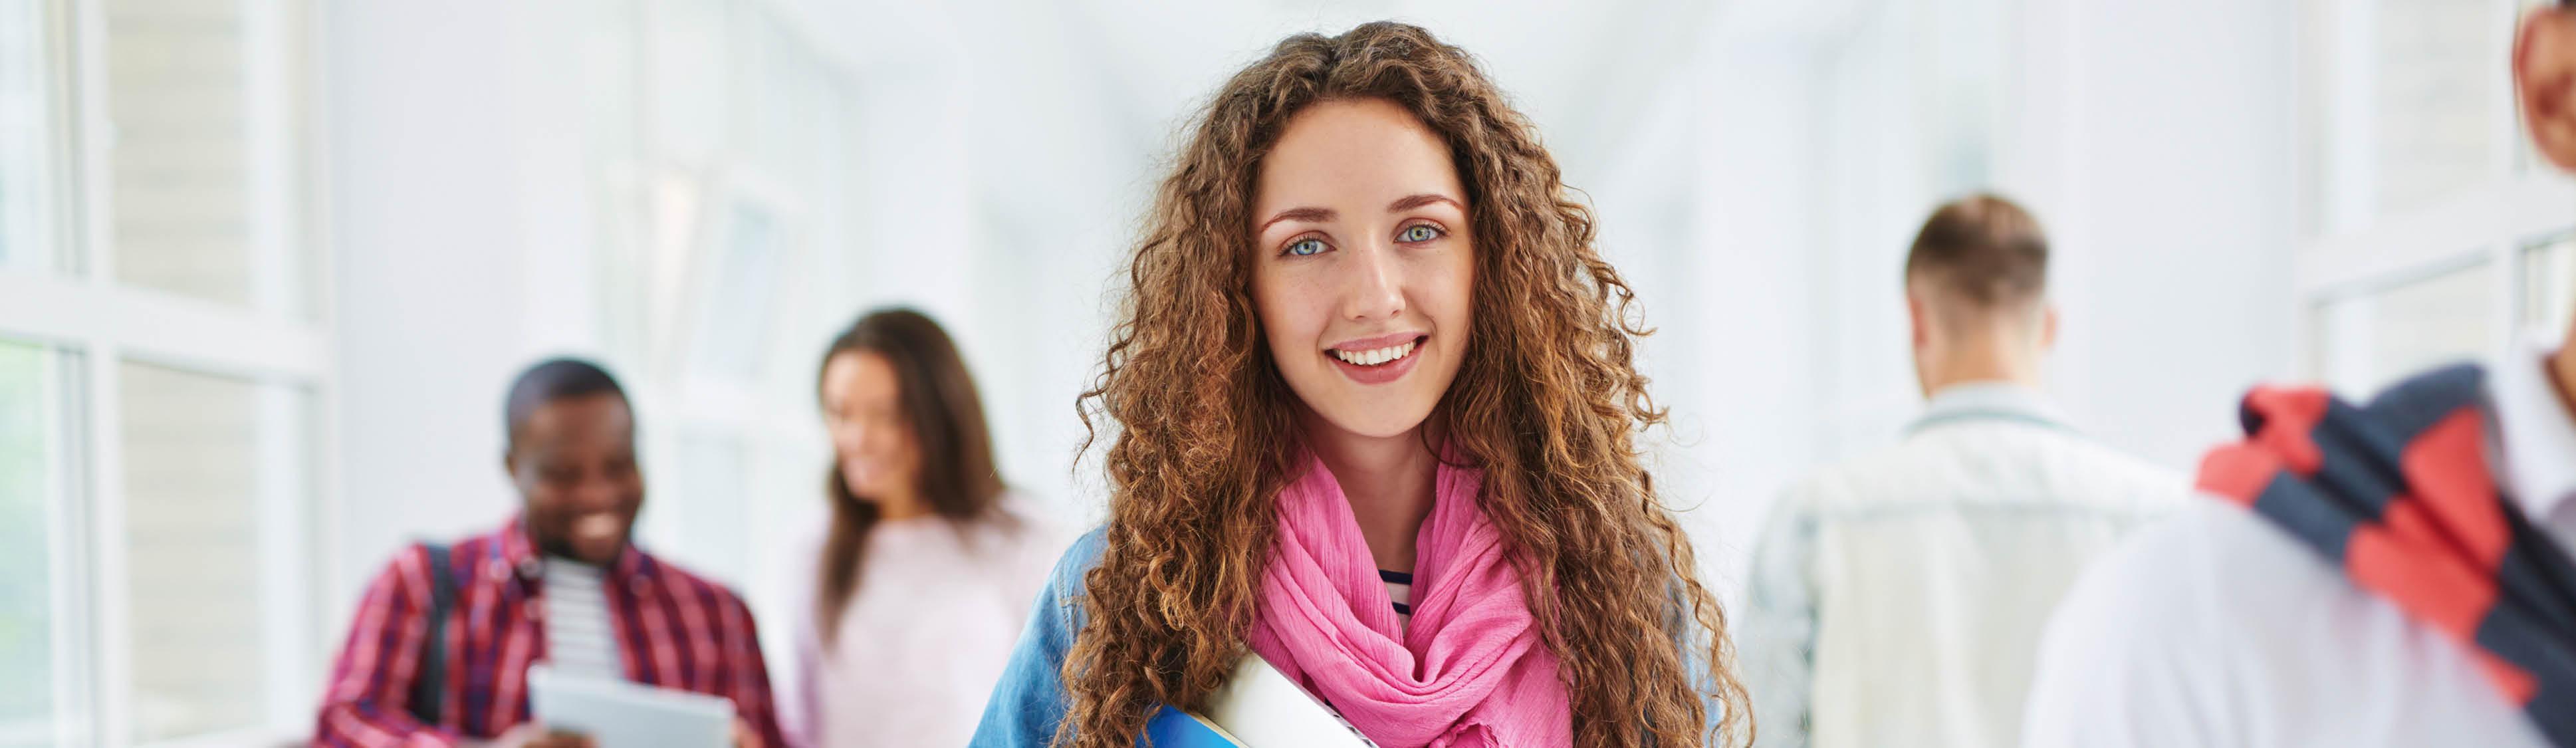 Mit dem KfW-Darlehen können Sie sich voll und ganz auf Ihr Studium konzentrieren!